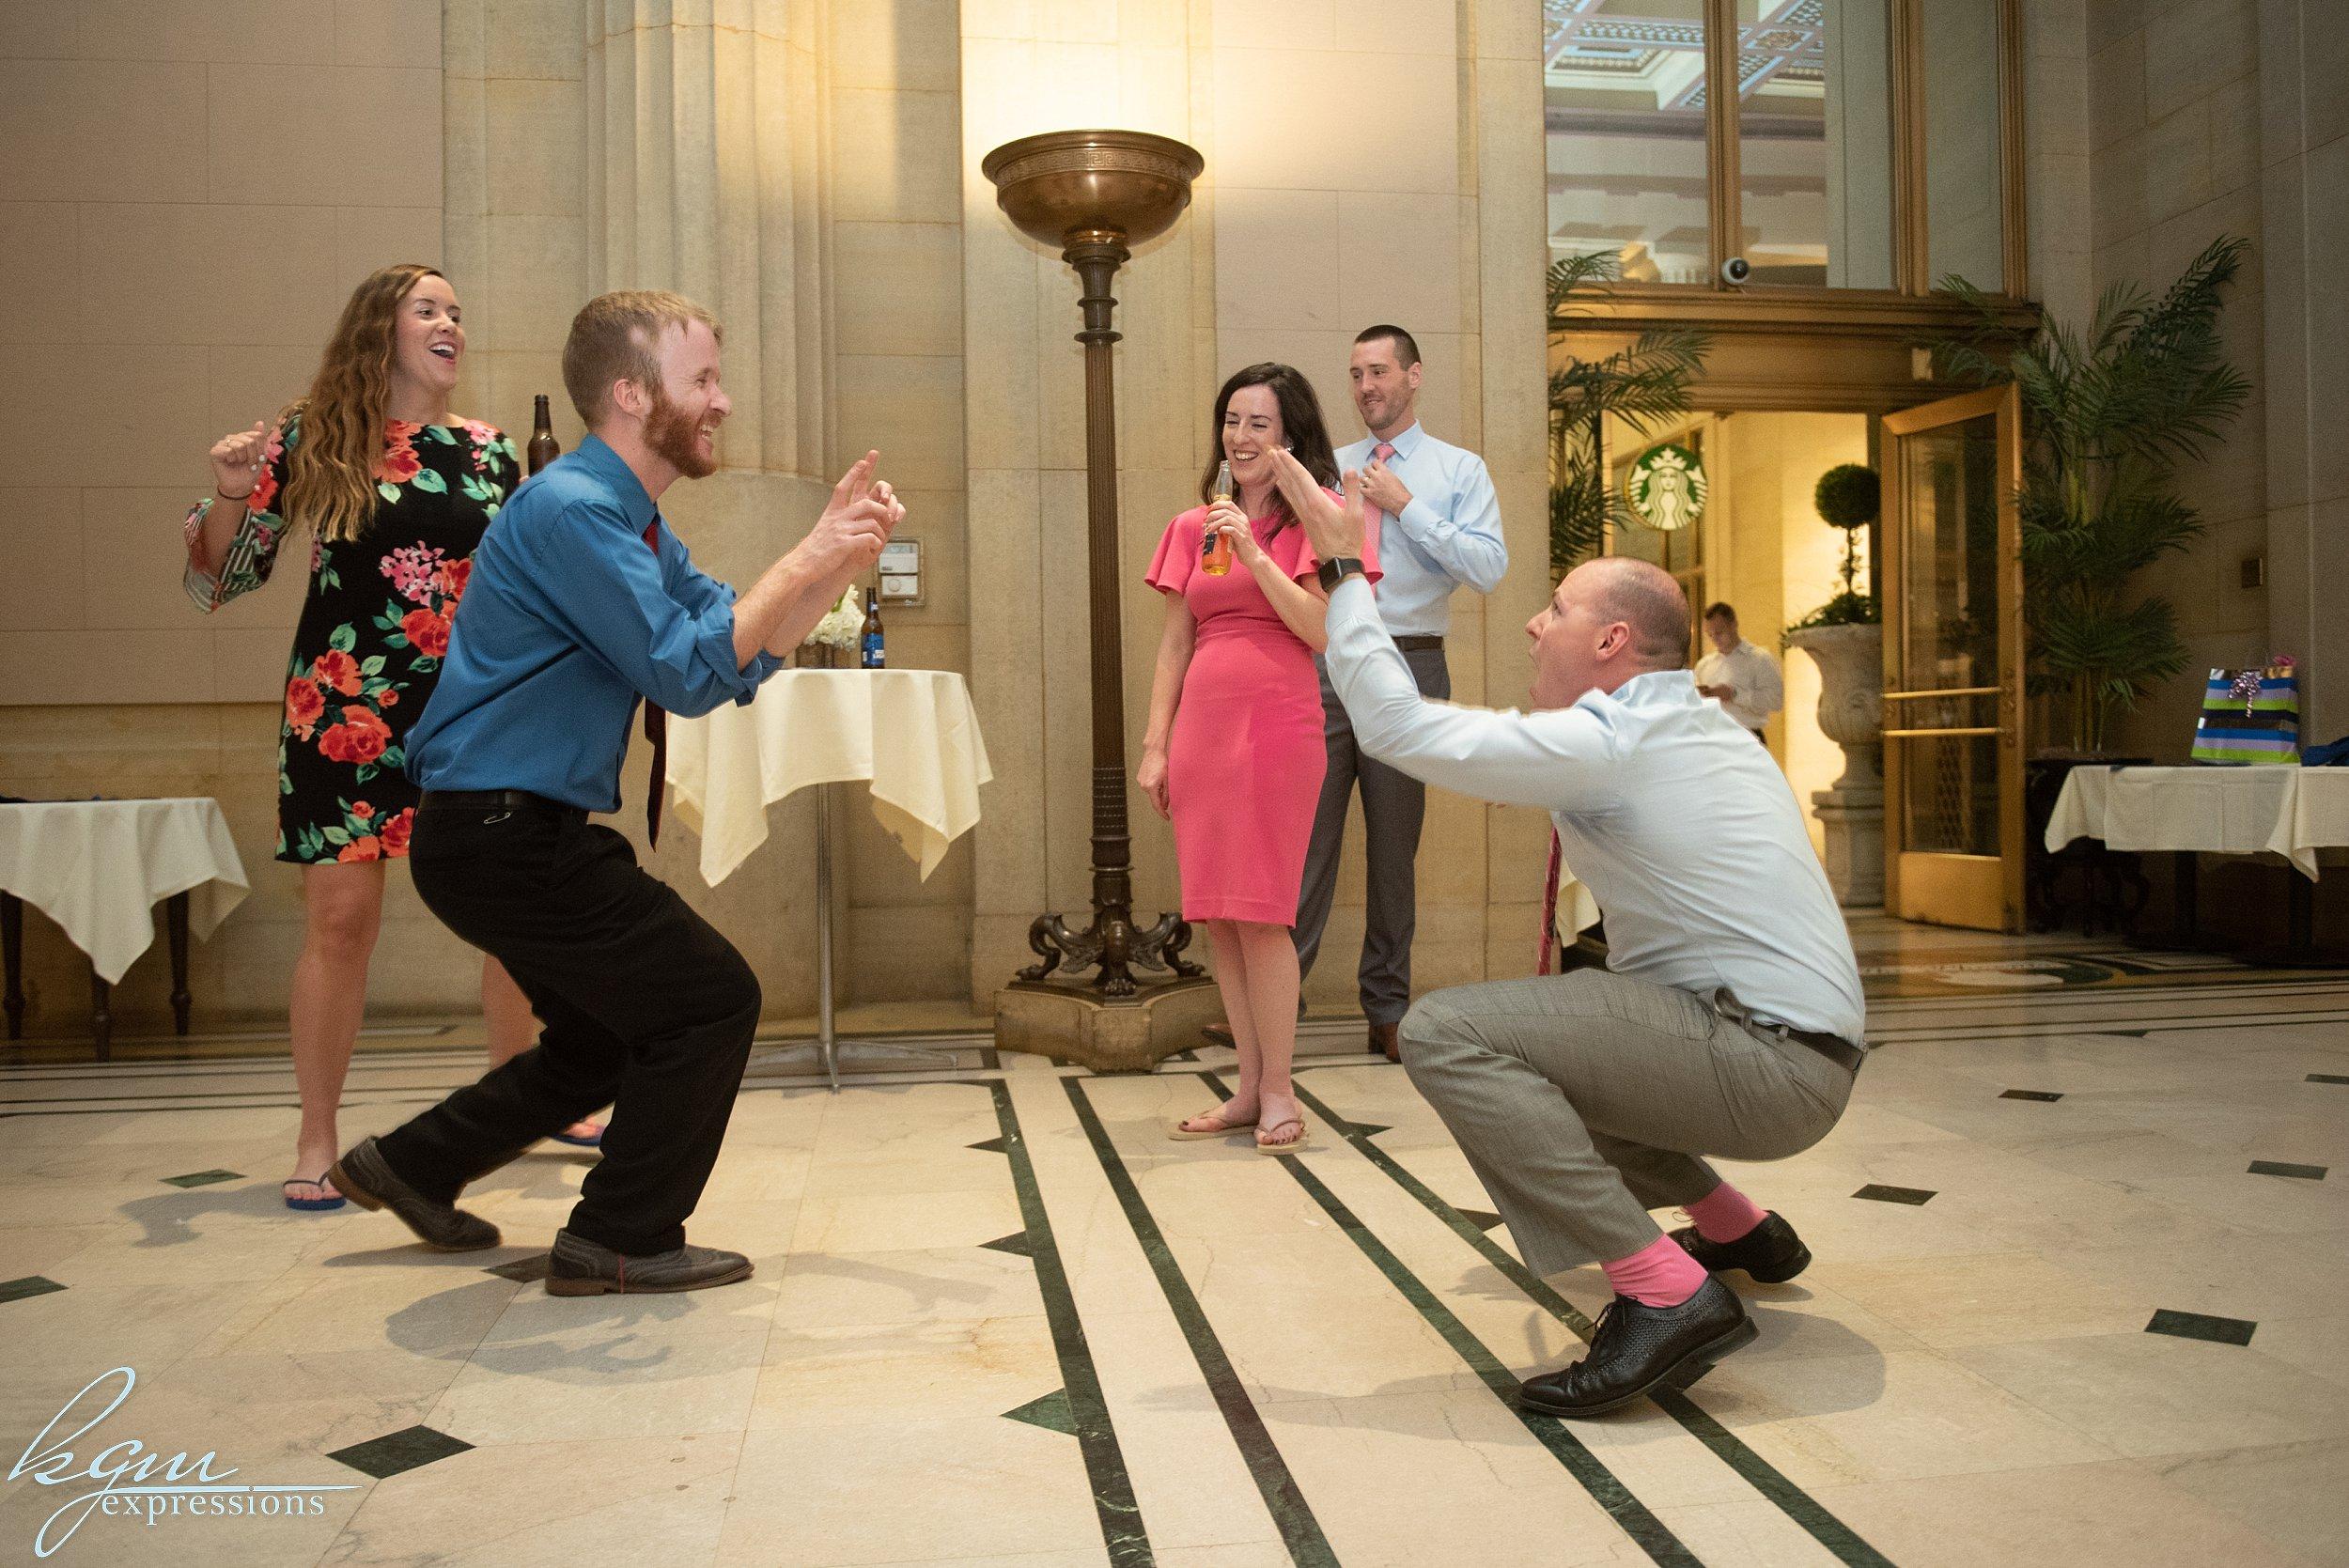 31_tir_na_nog_wedding.jpg